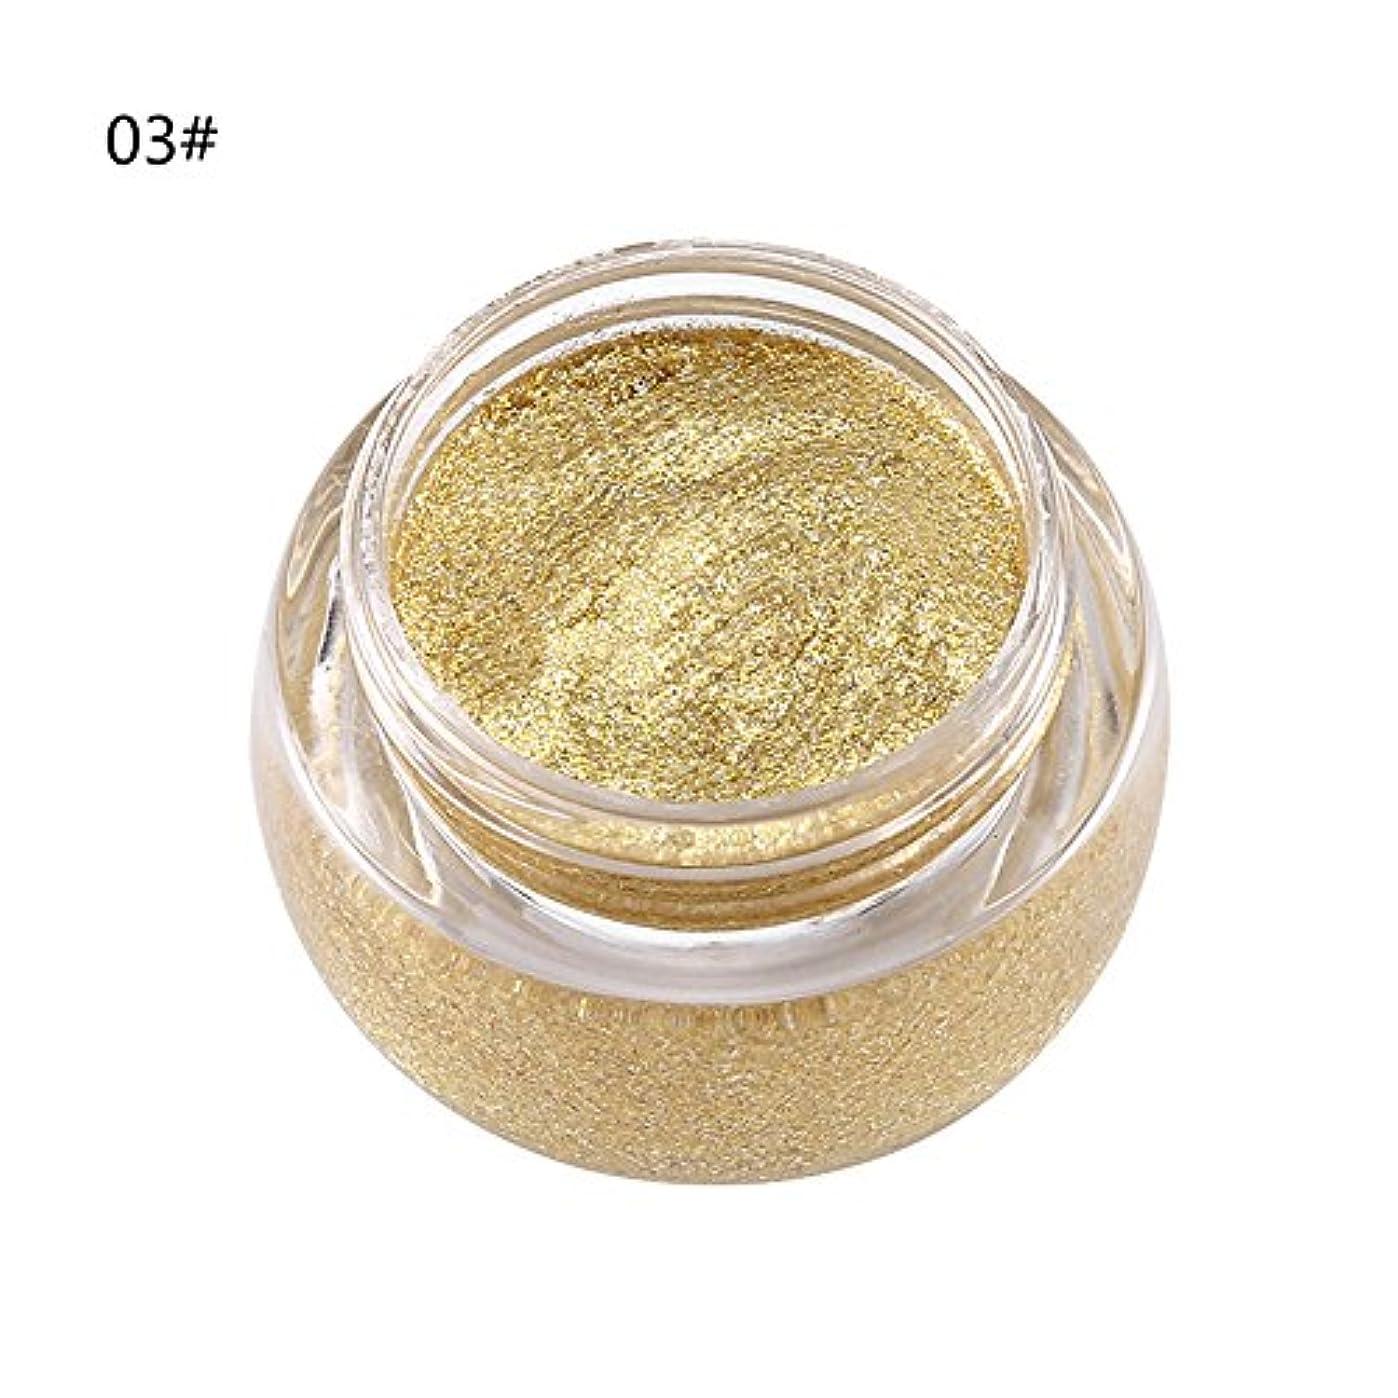 終わらせる地殻試してみるアイシャドウ 単色 化粧品 光沢 保湿 キラキラ 美しい タイプ 03